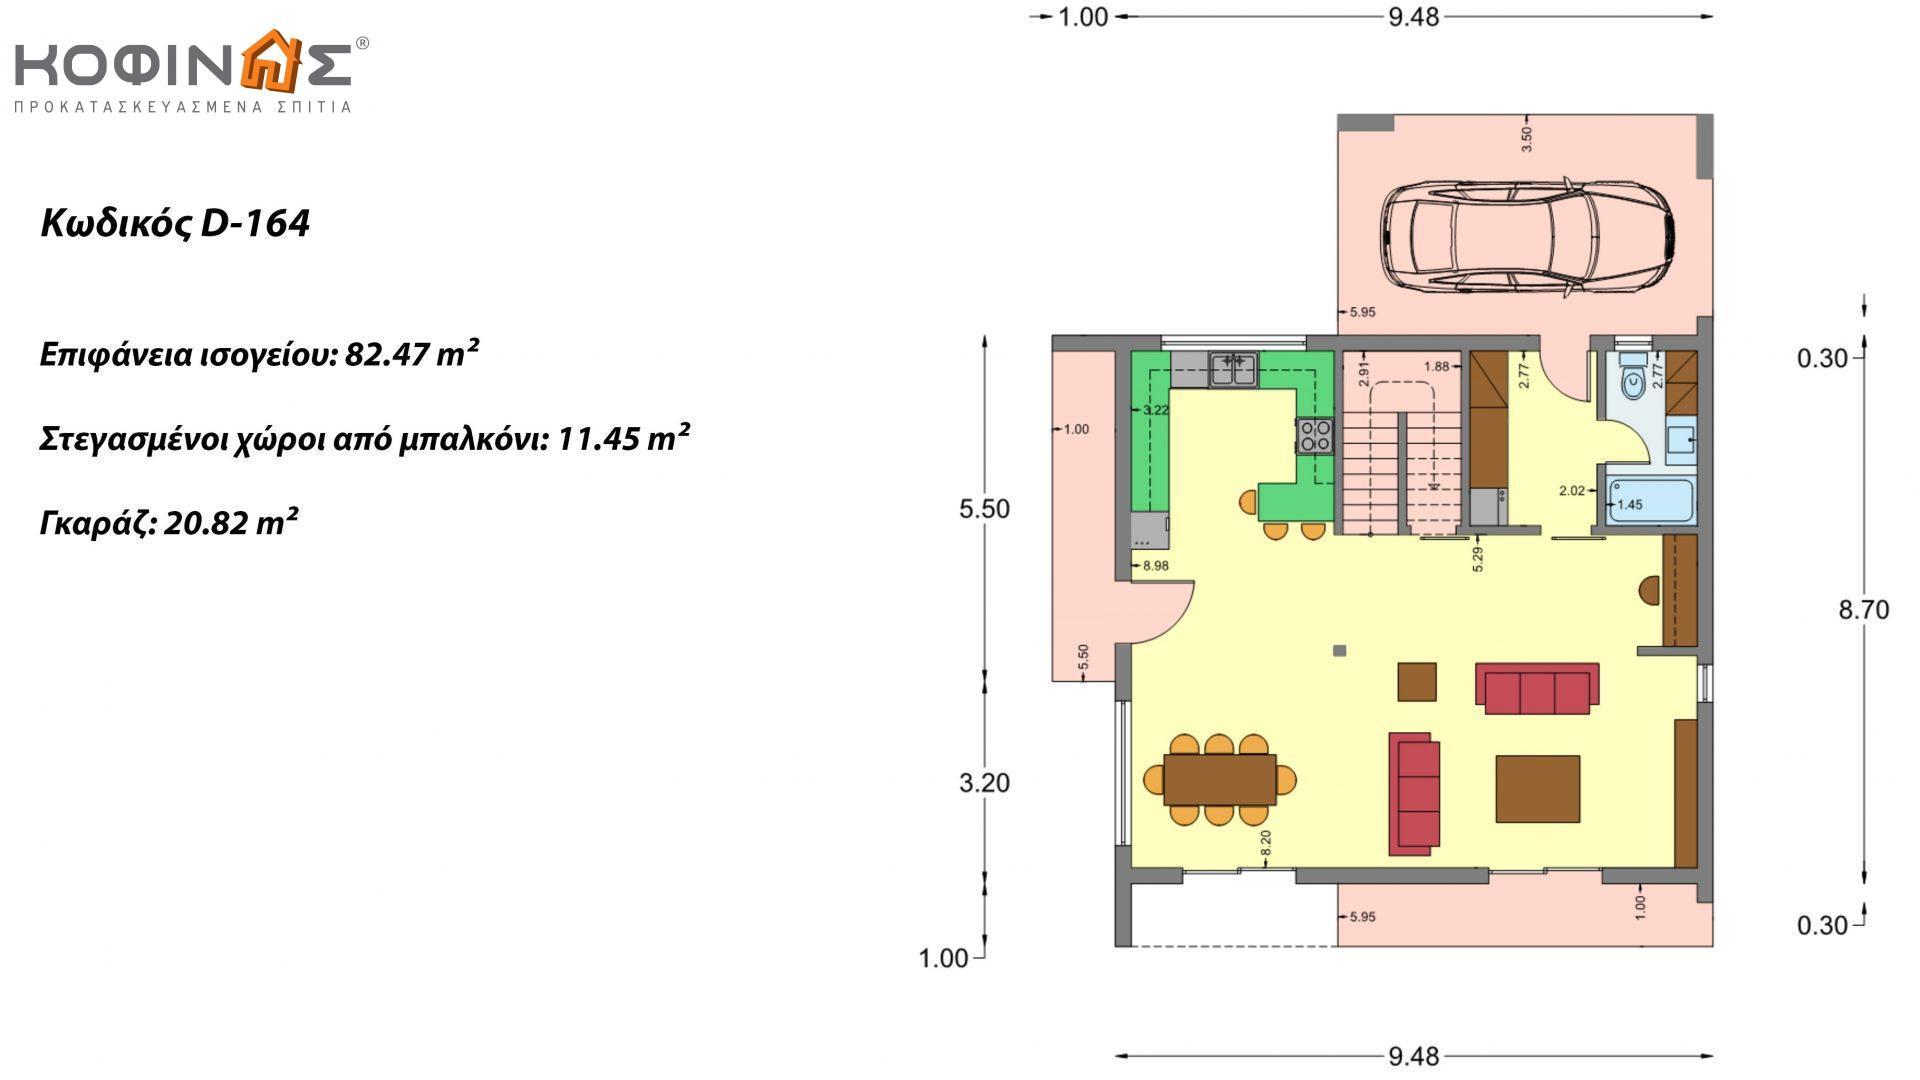 Διώροφη Κατοικία D-164, συνολικής επιφάνειας 164,94 τ.μ., +Γκαράζ 20.82 m²(=185.76 m²), συνολική επιφάνεια στεγασμένων χώρων 32,38 τ.μ., μπαλκόνια 32,27 τ.μ.